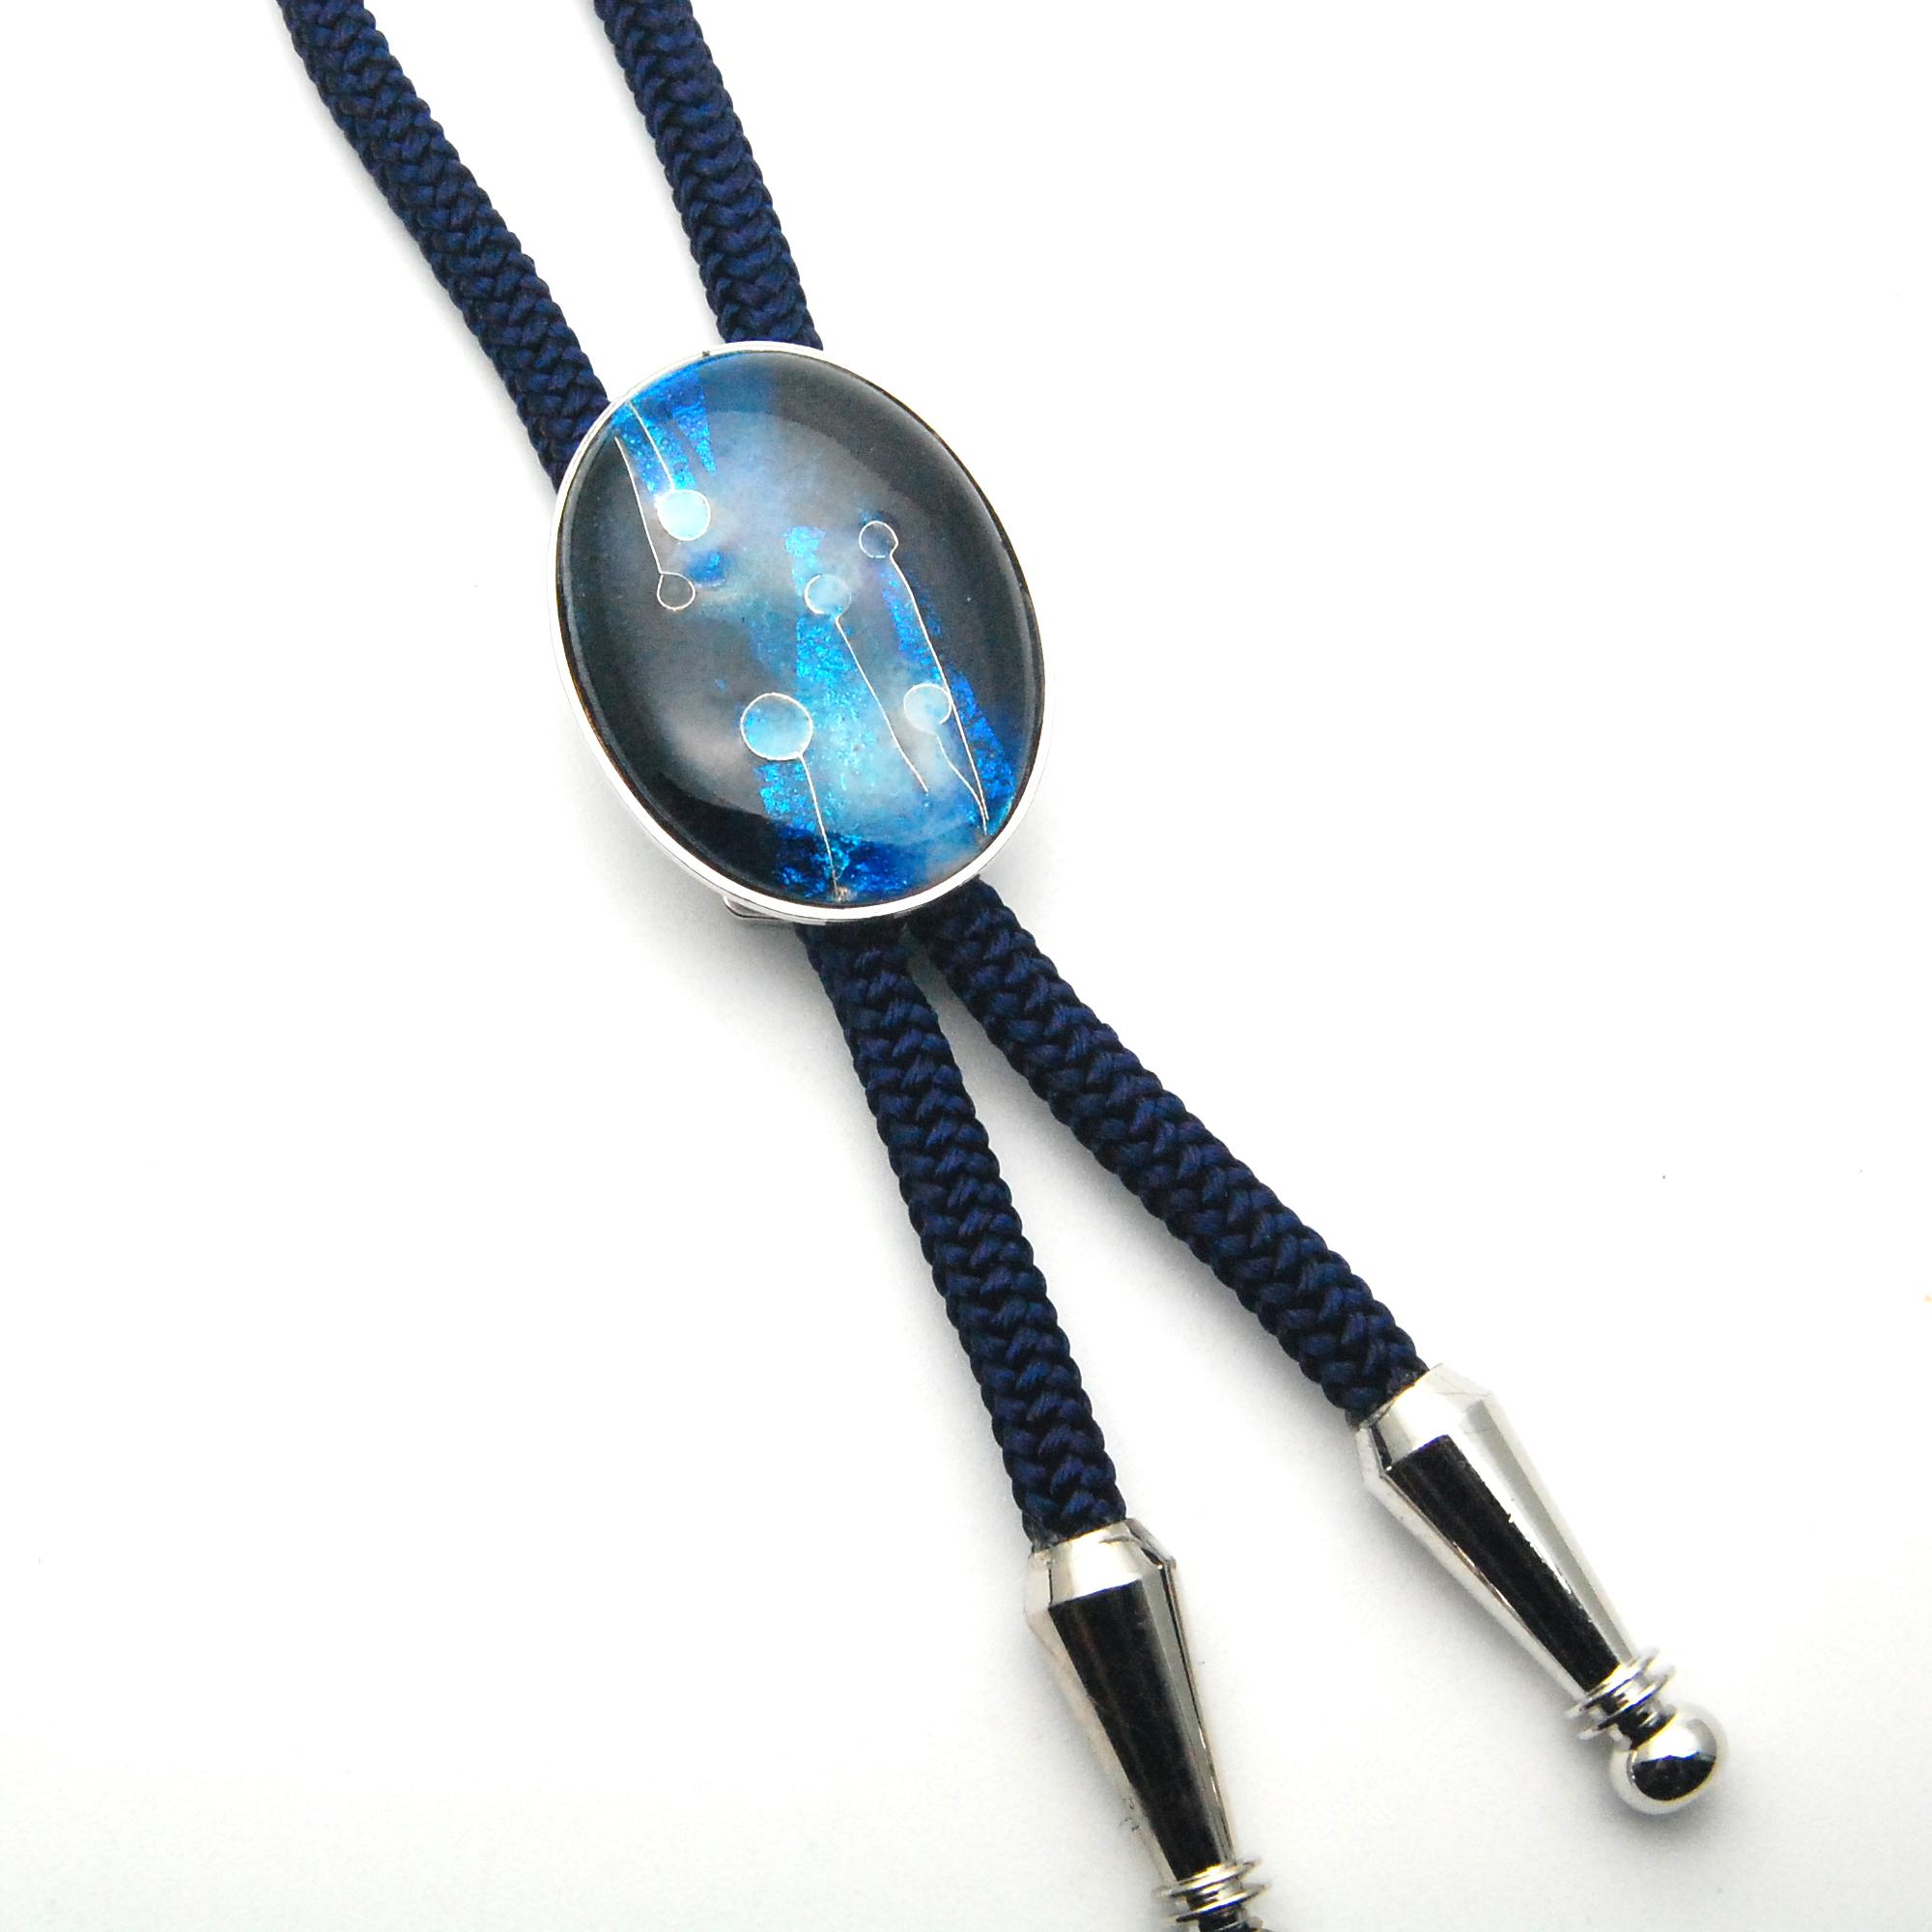 銀箔張り 深海群青グラデーション 楕円形ループタイ